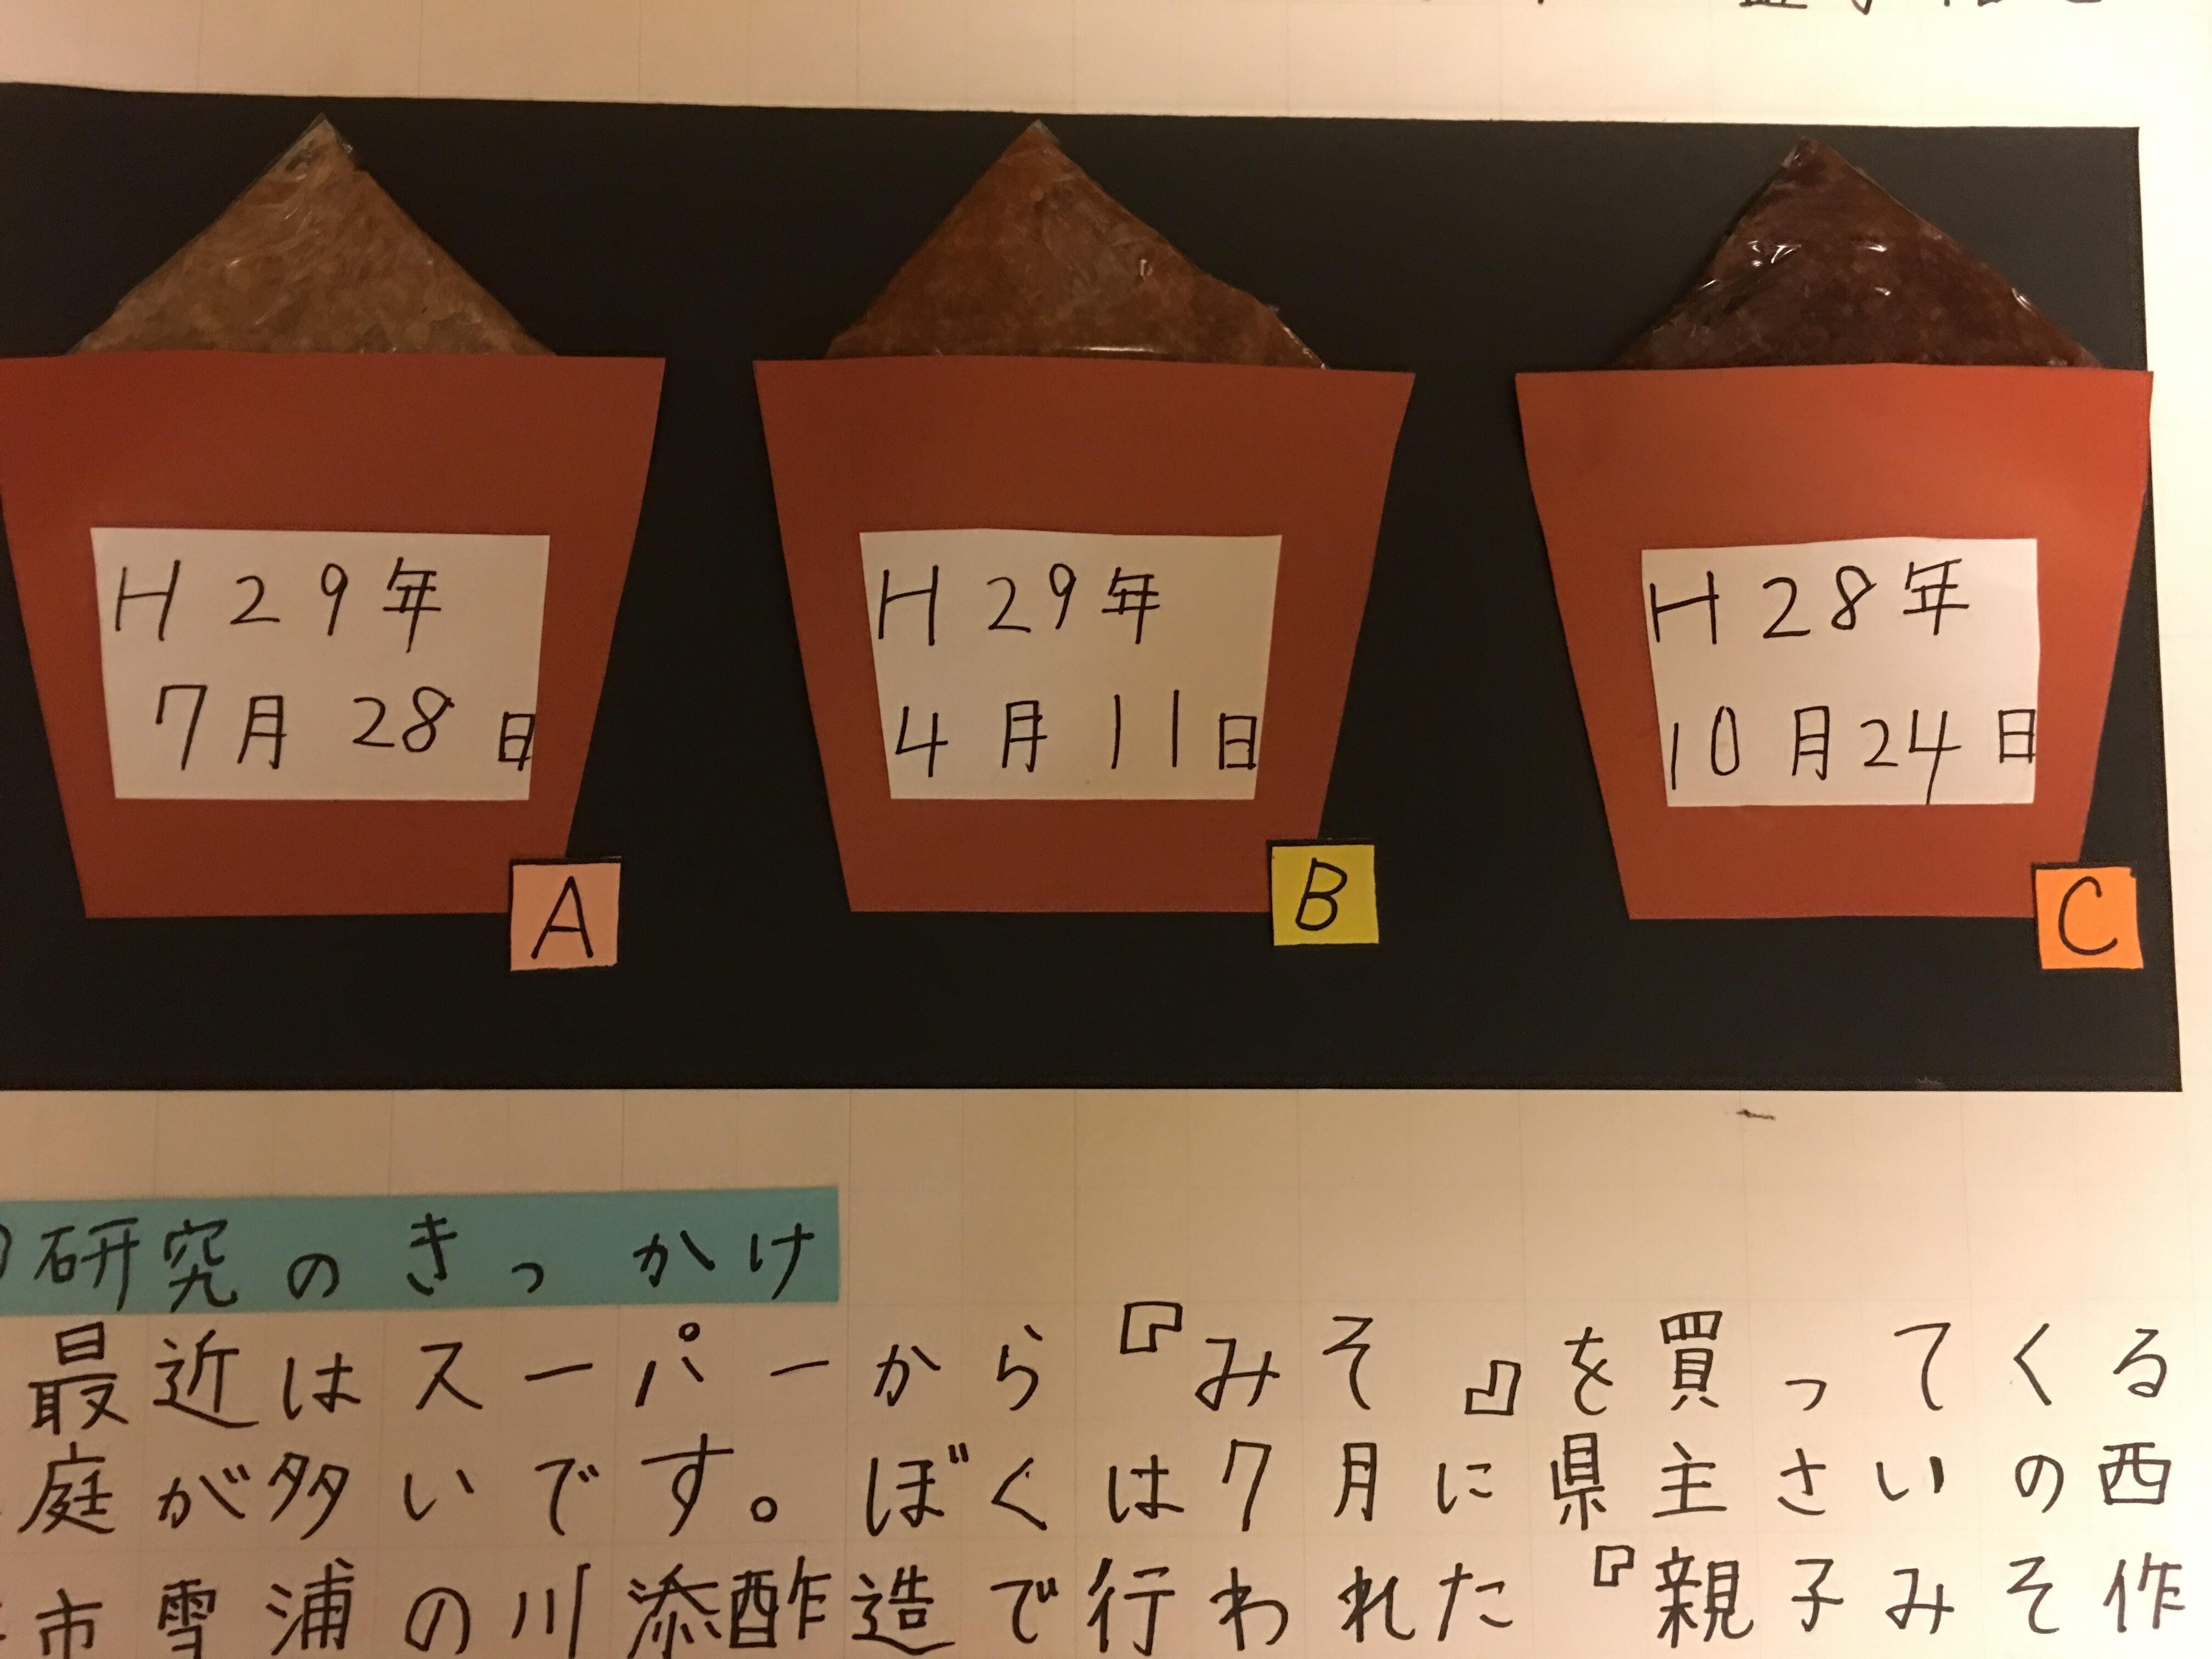 f:id:allergy_nagasakikko:20170830212307j:image